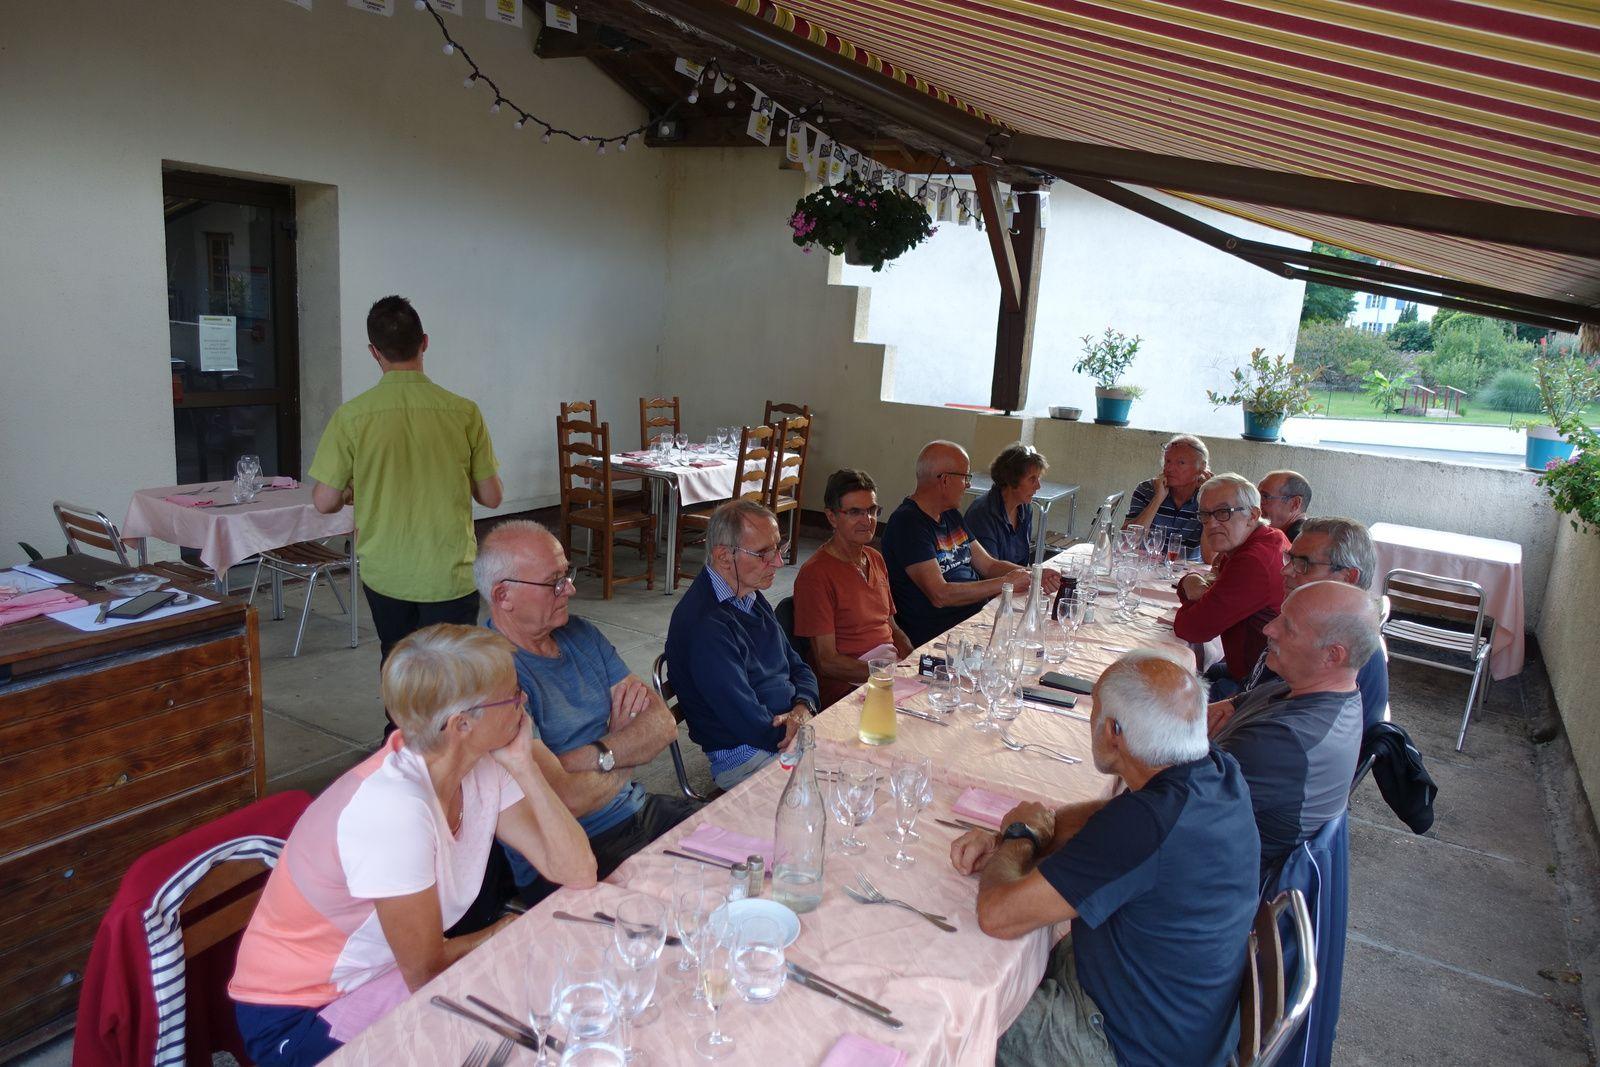 TOUR DU RHONE-  Etape 1 -Chasselay>> St Clément sur Valsonne Mercredi 25 aout 2021